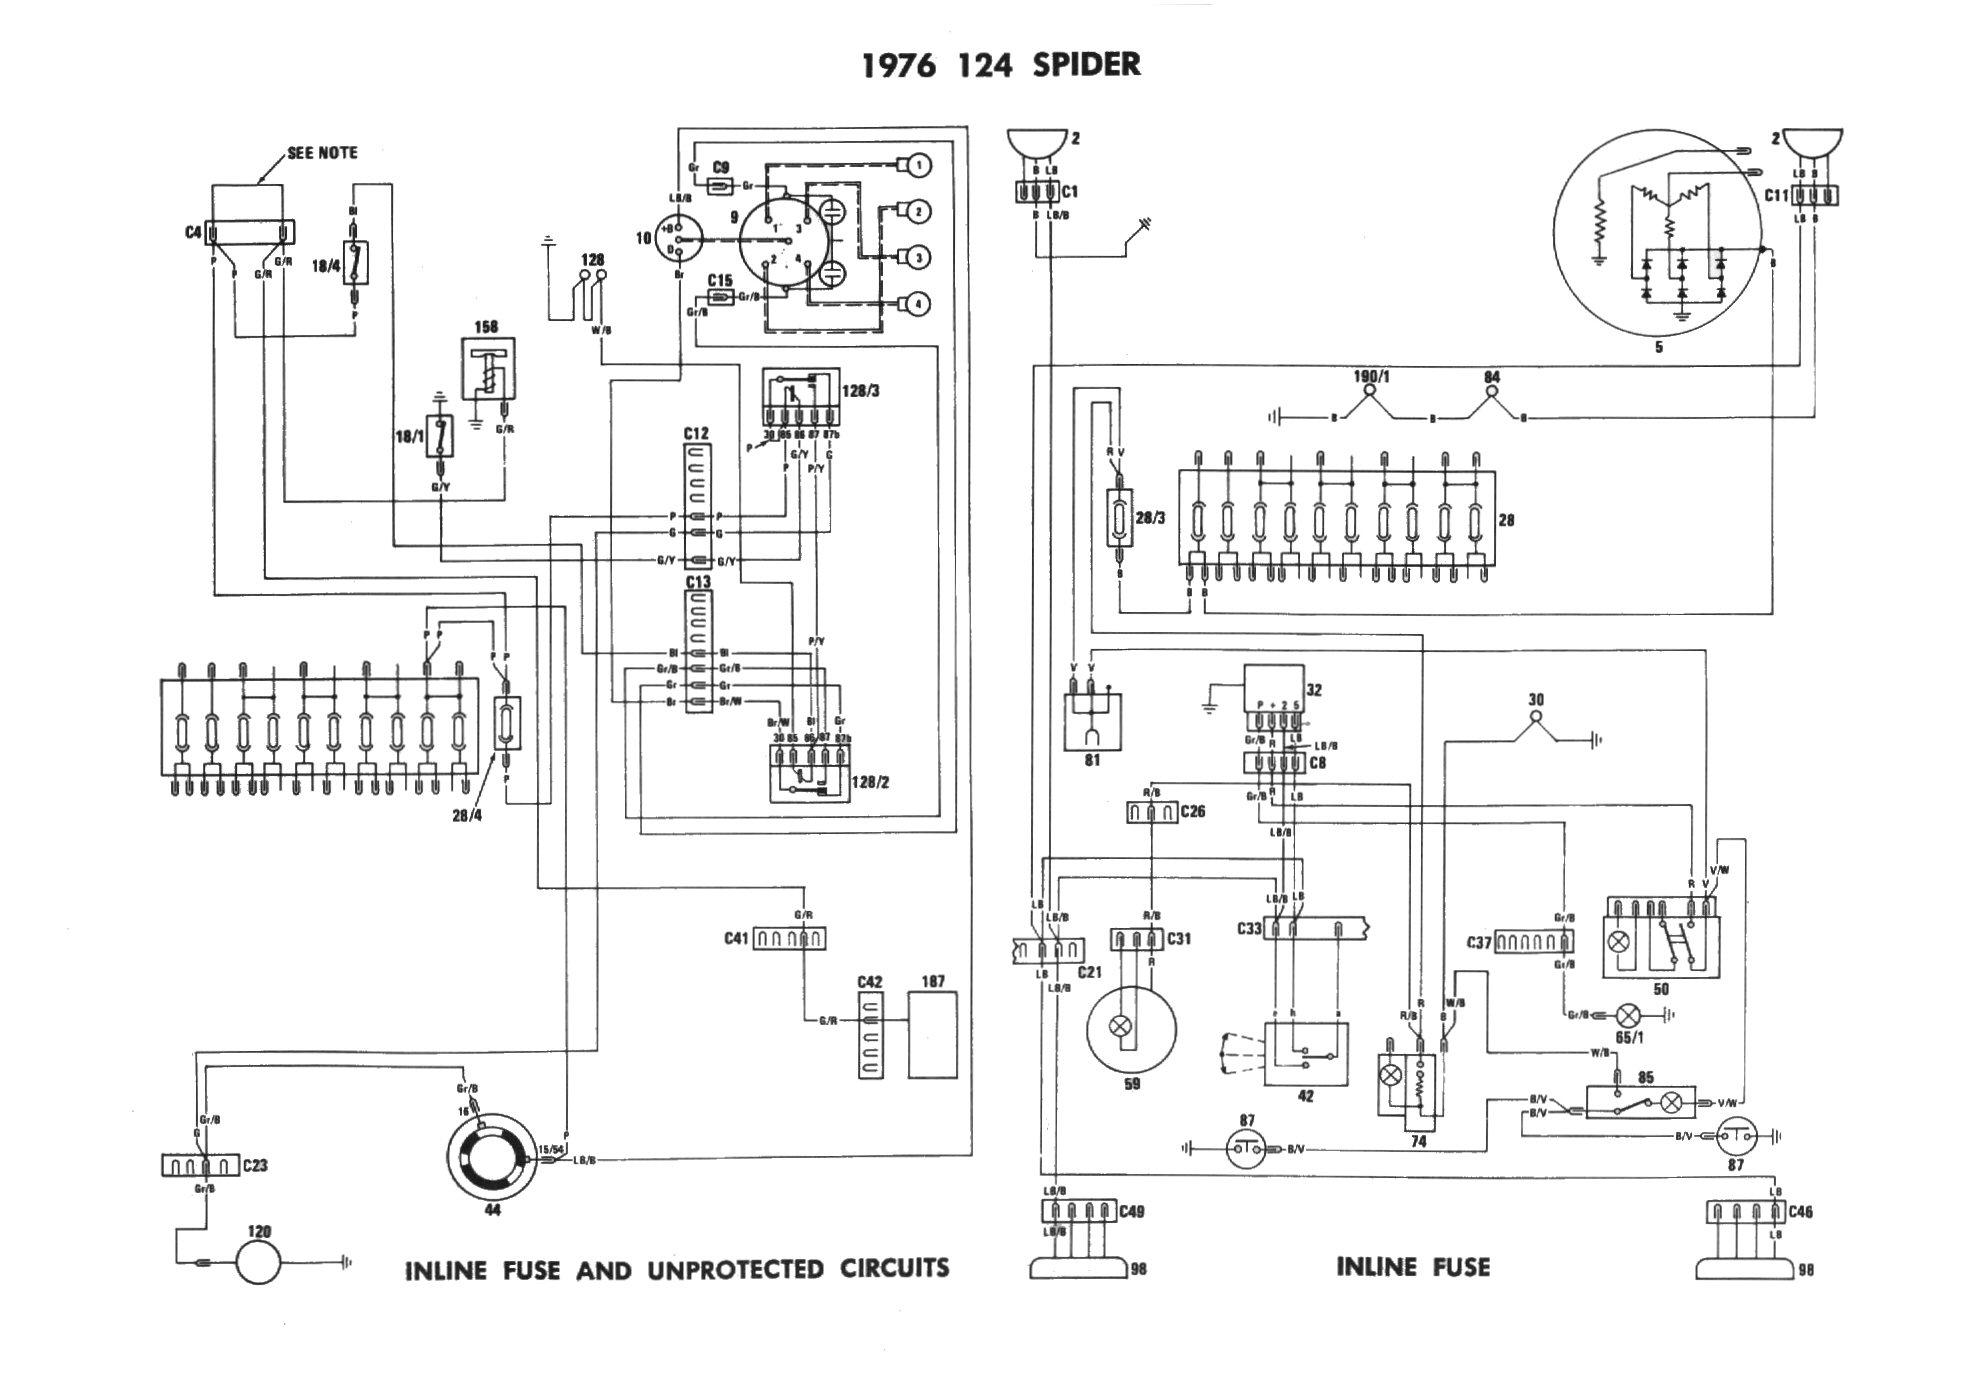 xx_7079] 79 fiat spider wiring diagram download diagram  spon gentot icaen shopa mohammedshrine librar wiring 101